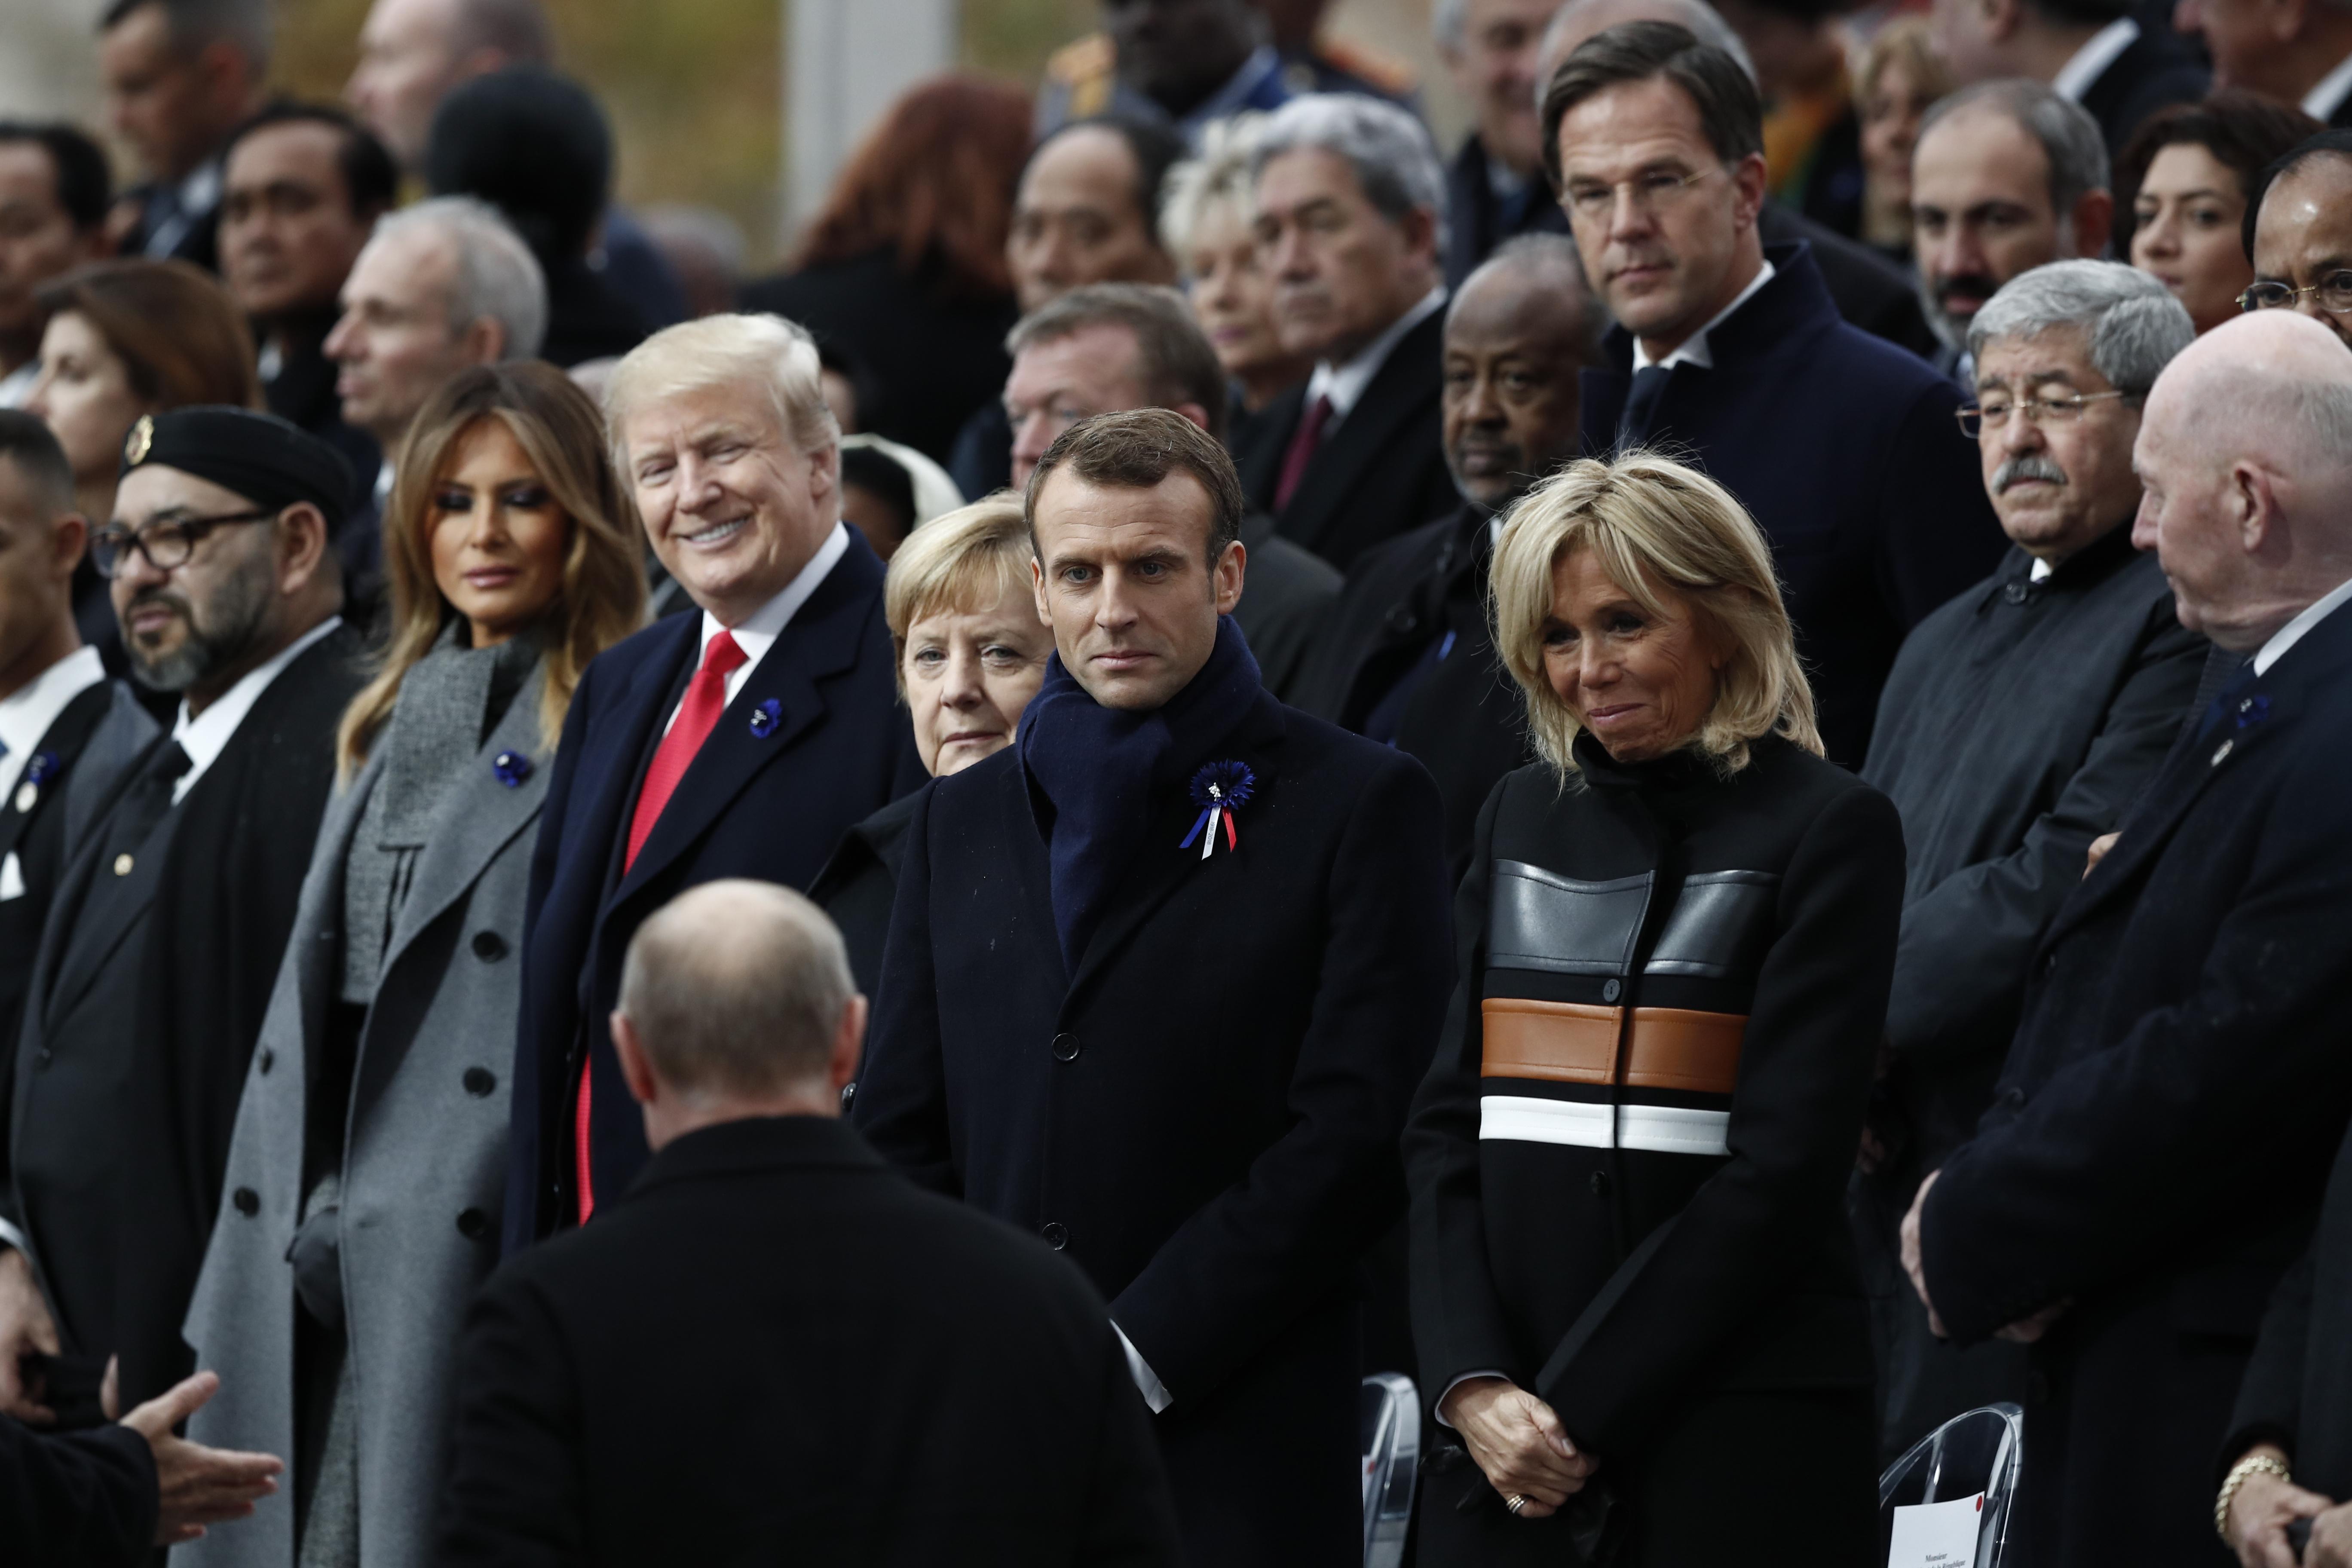 Trump i Putin na proslavu u Parizu došli odvojeno od drugih državnika